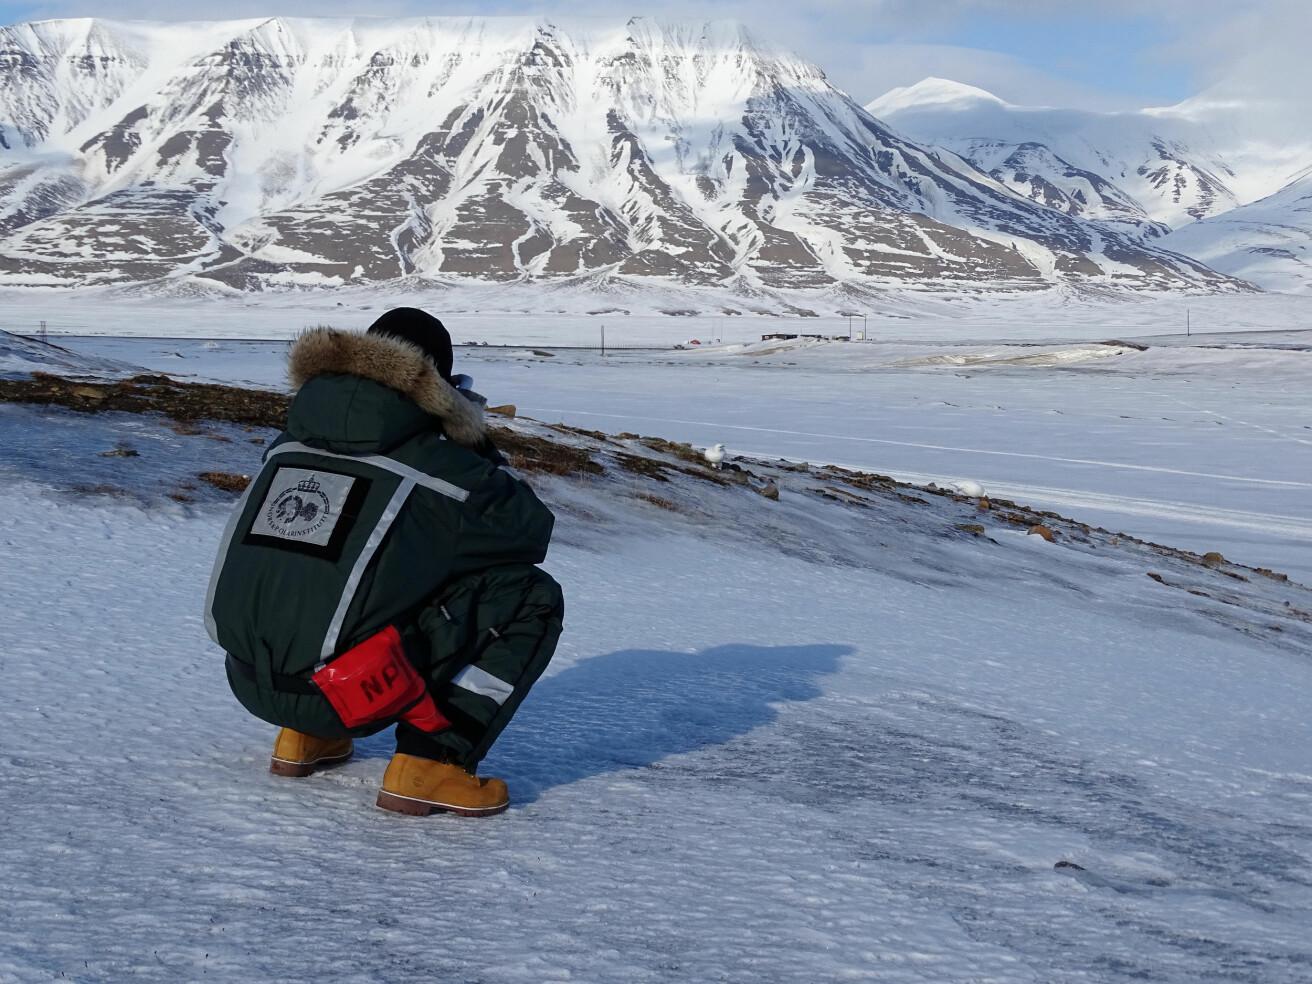 Nærkontakt med svalbardryper er ganske vanlig på tundraen. Men man skal likevel holde litt avstand og ikke skremme fuglene. Hvis en rype på reir blir skremt, kan rypa forlate reiret og eggerøvere kan være raskt på pletten. (Foto: Eva Fuglei / Norsk Polarinstitutt)